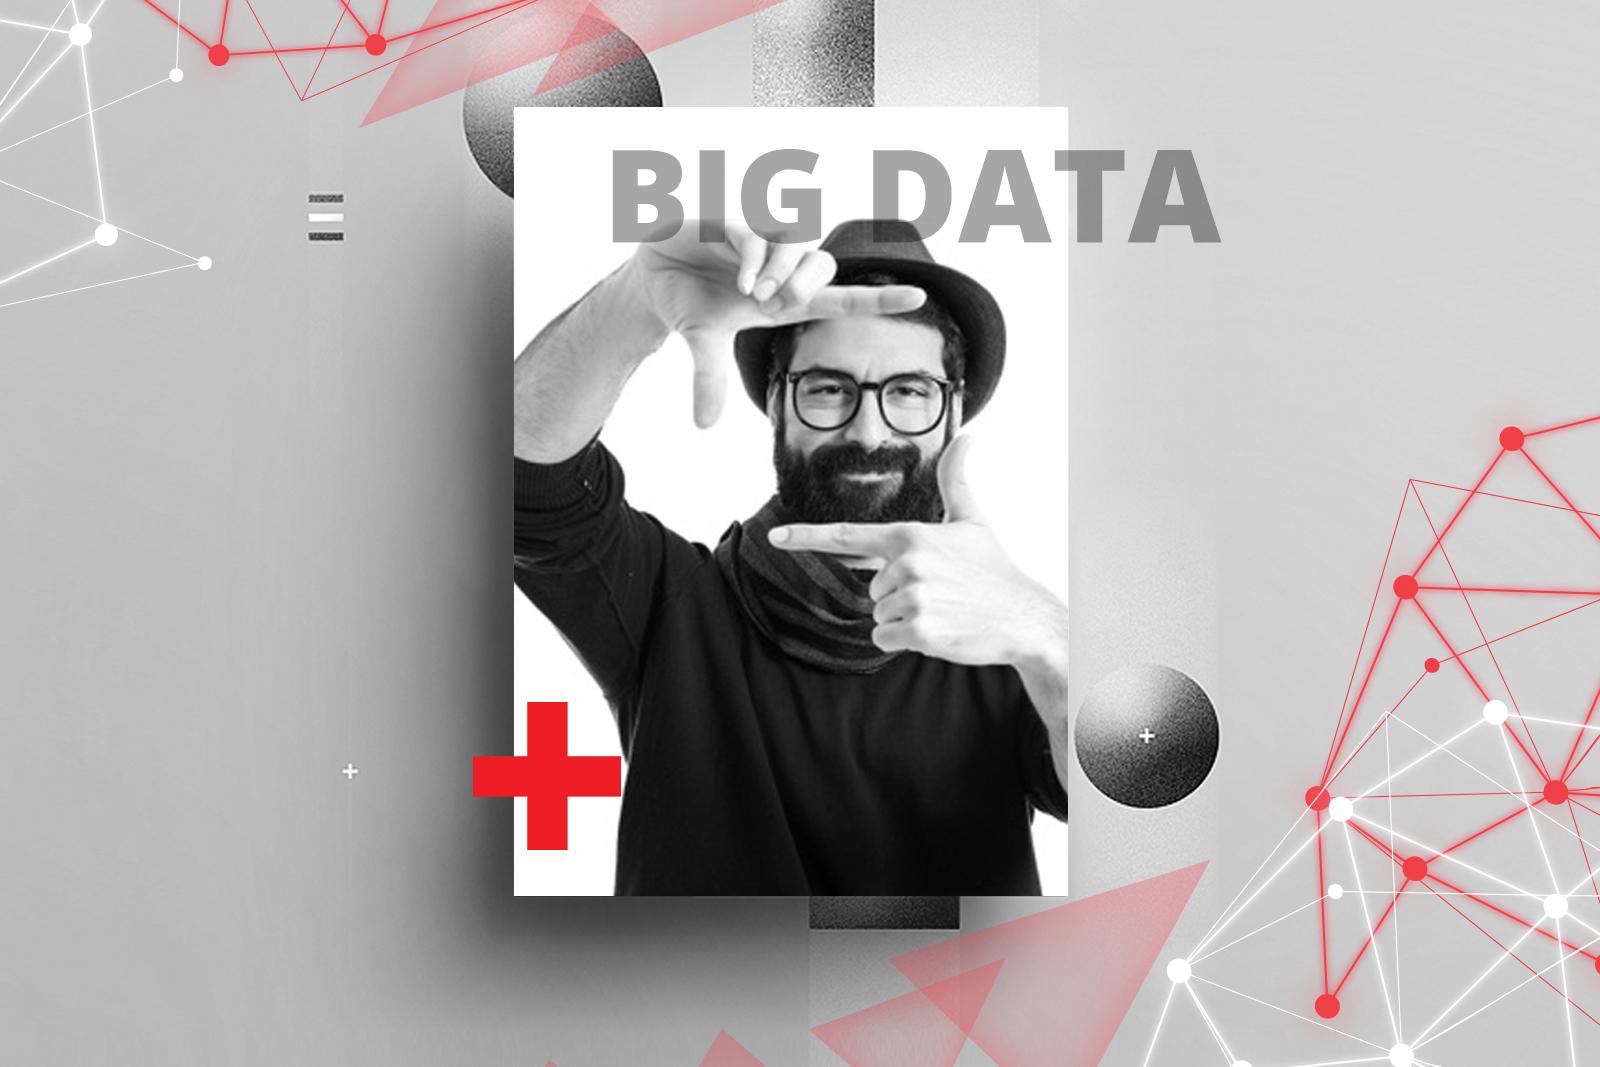 big data analyst vs big data scientist